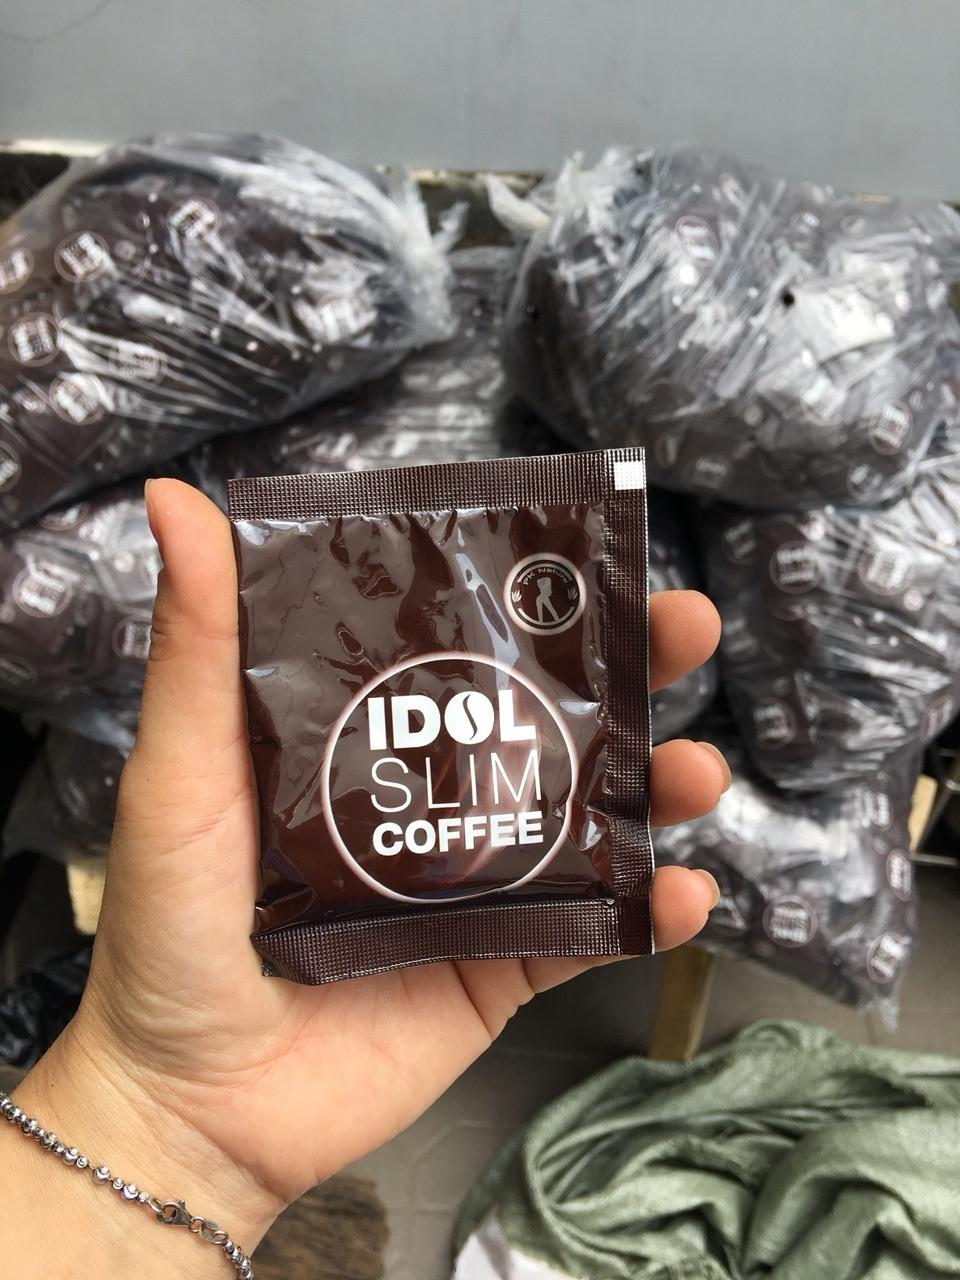 Mua cà phê giảm cân Idol Slim Coffee Thái Lan ở đâu?